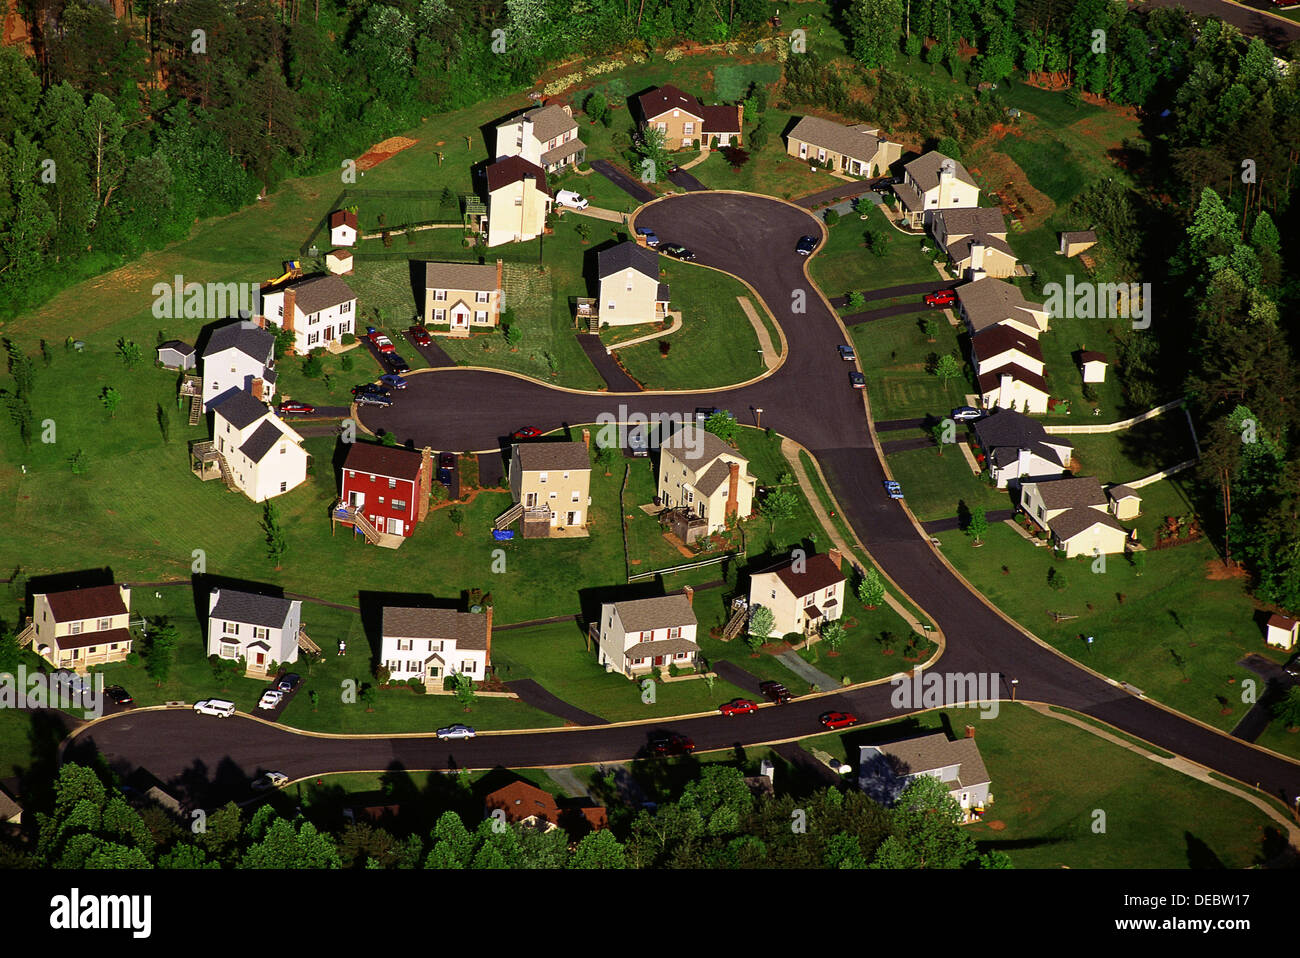 Houses For Rent In Roanoke Va House Plan 2017